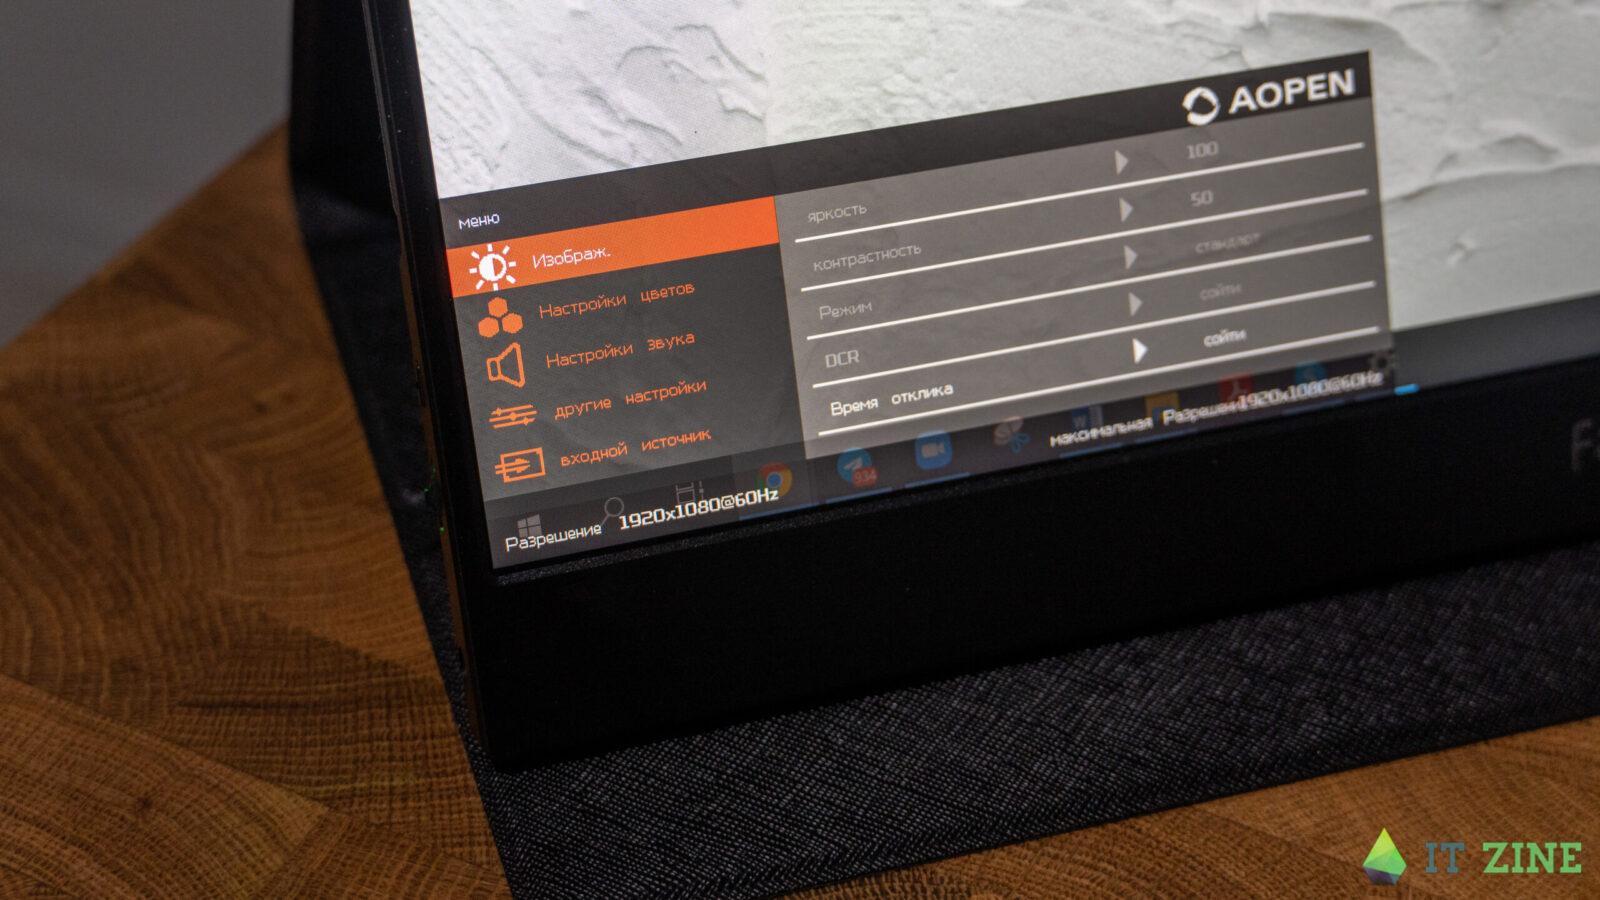 Обзор Acer AOPEN 16PM3Q: портативный монитор для фотографов и геймеров (itzine.ru AOPEN 05 scaled)